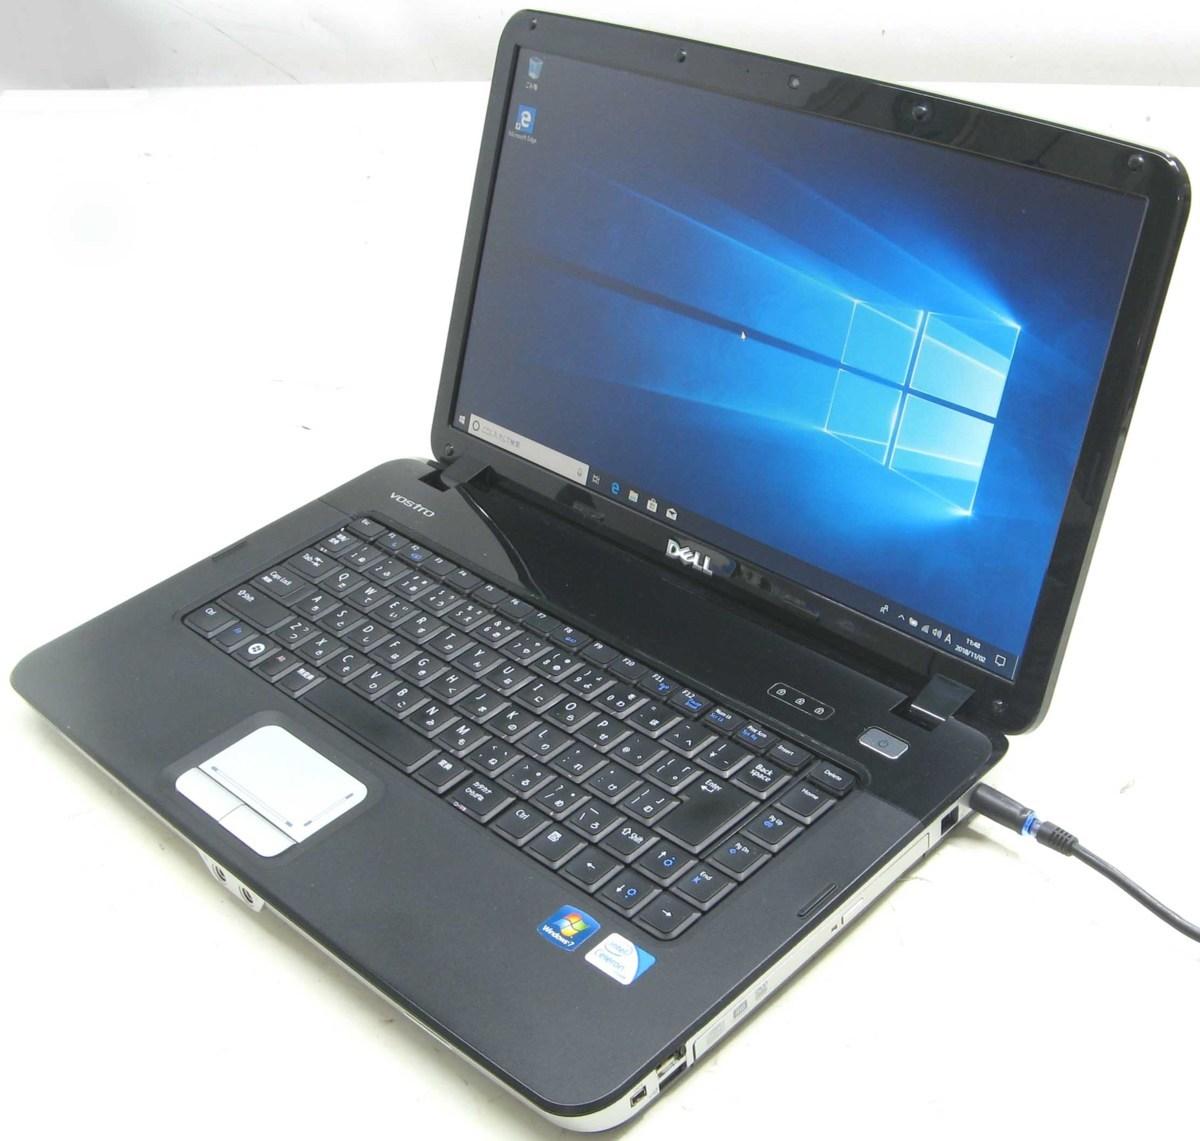 中古ノートパソコン DELL Vostro 1015-2300HD(デル Windows10 15.6インチ DVDスーパーマルチドライブ)【中古】【中古パソコン/中古PC】